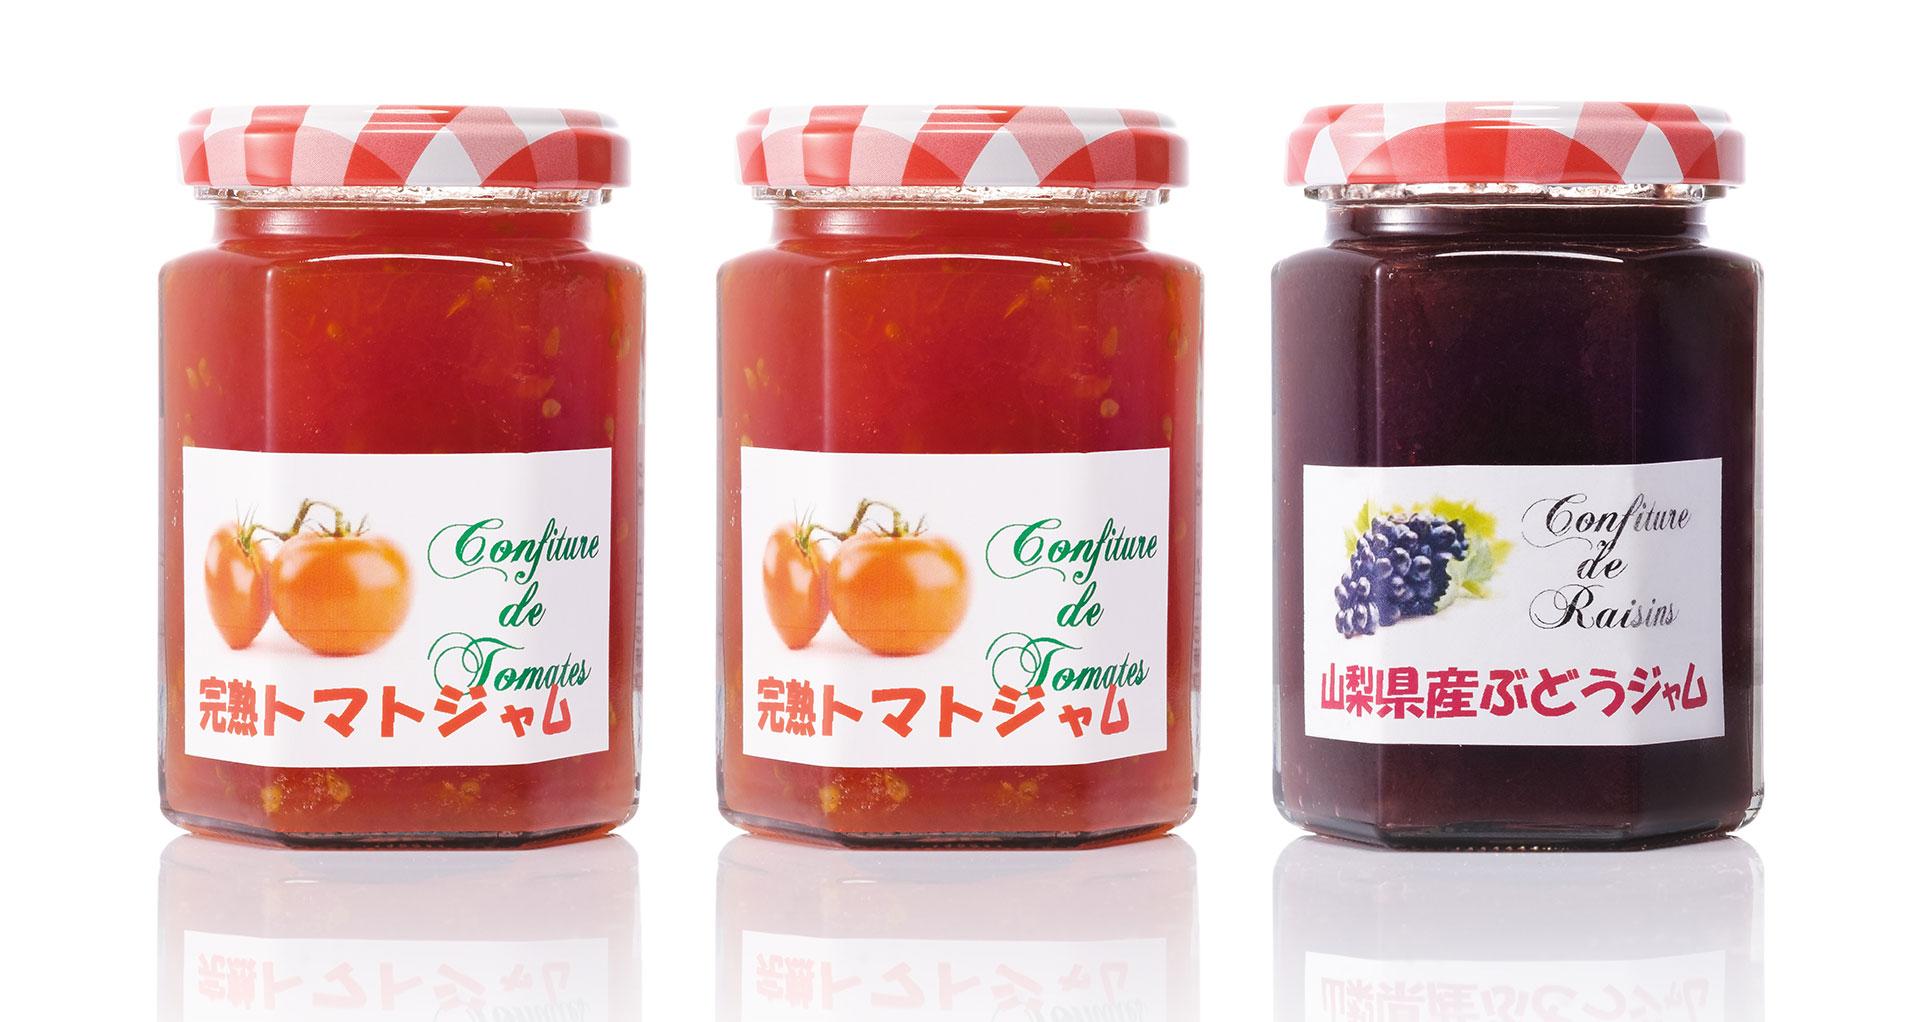 トマト・ぶどうジャム3本セット